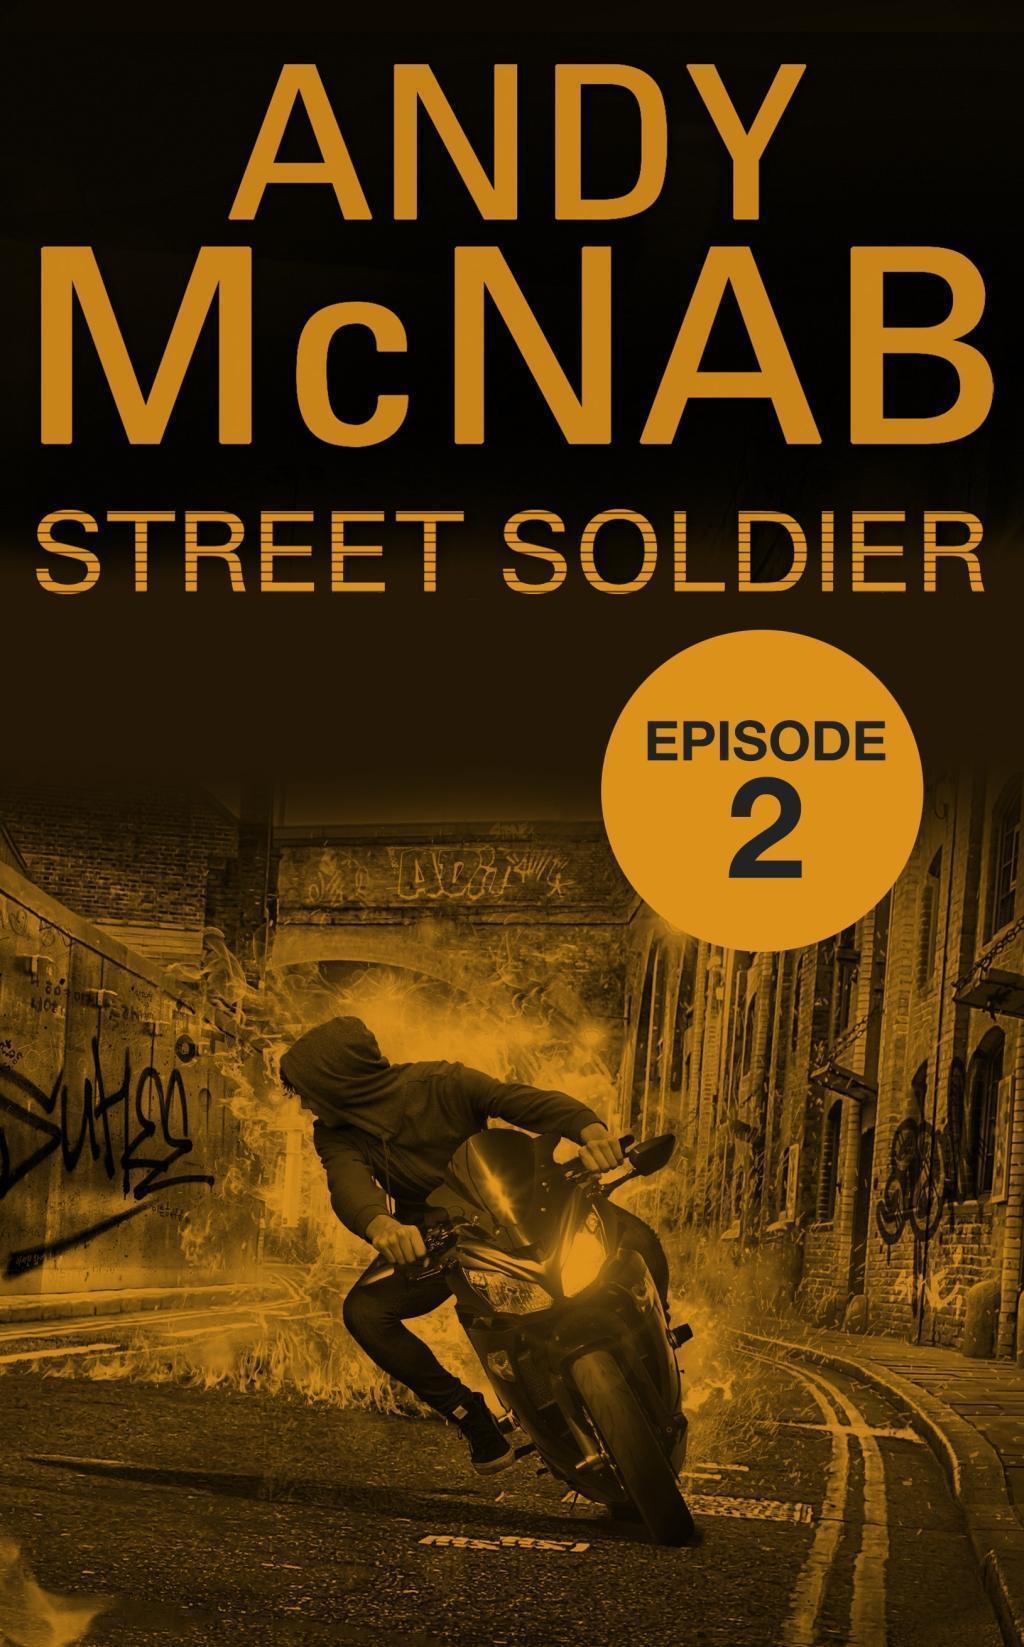 Street Soldier: Episode 2